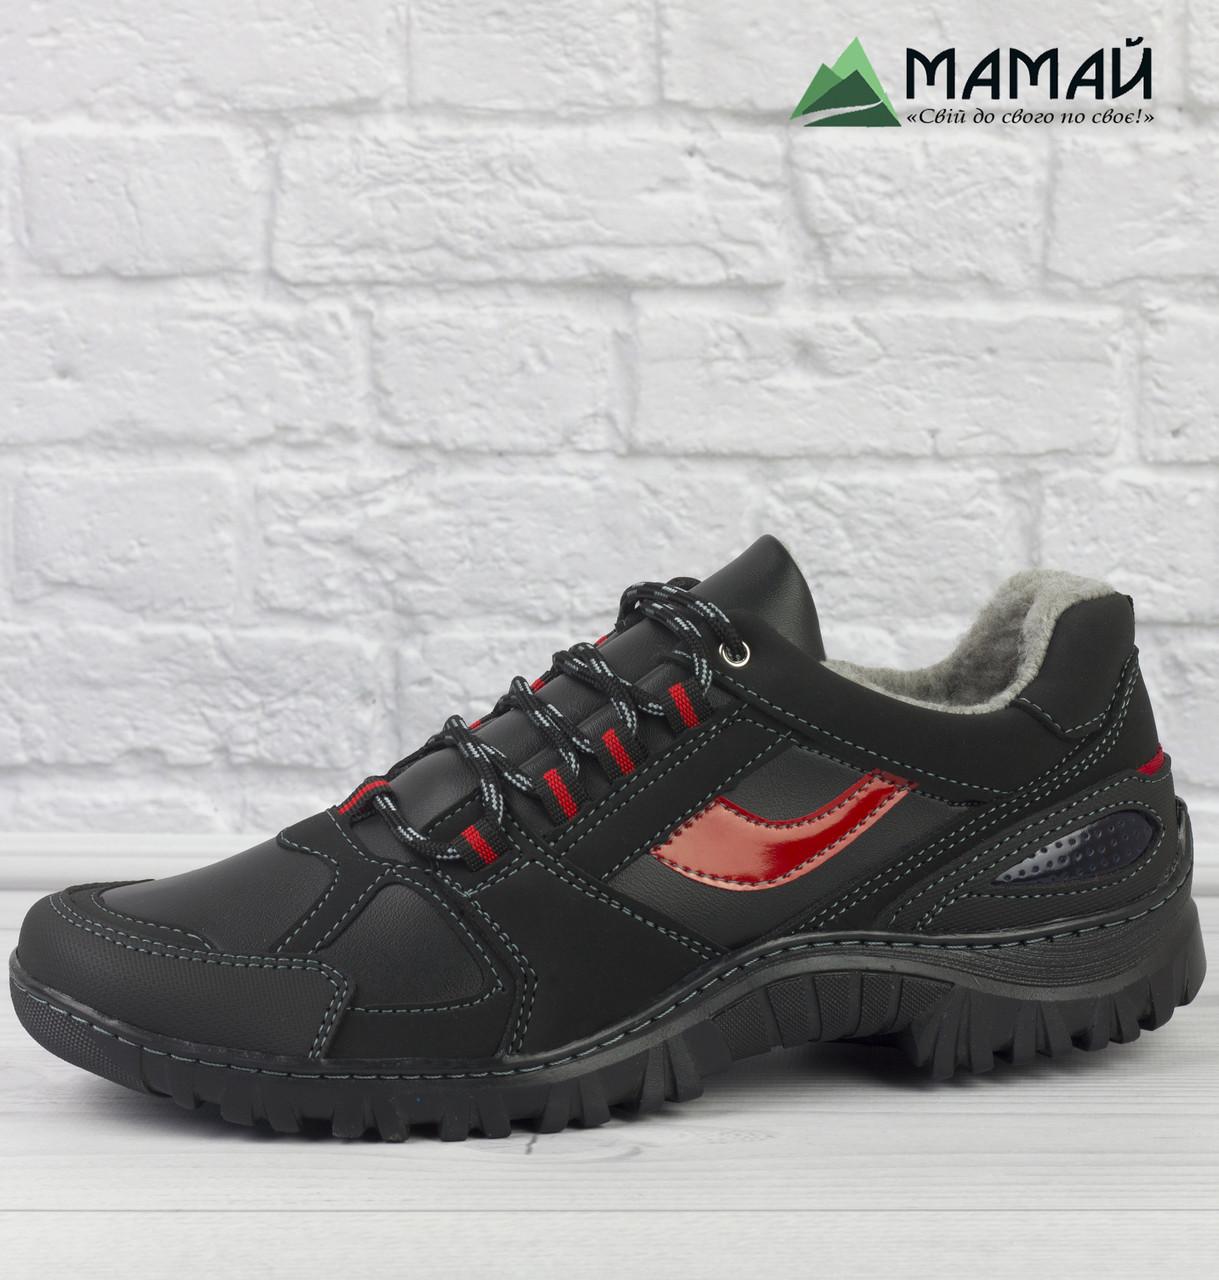 41р Зимові кросівки чоловічі черевики -20 °C